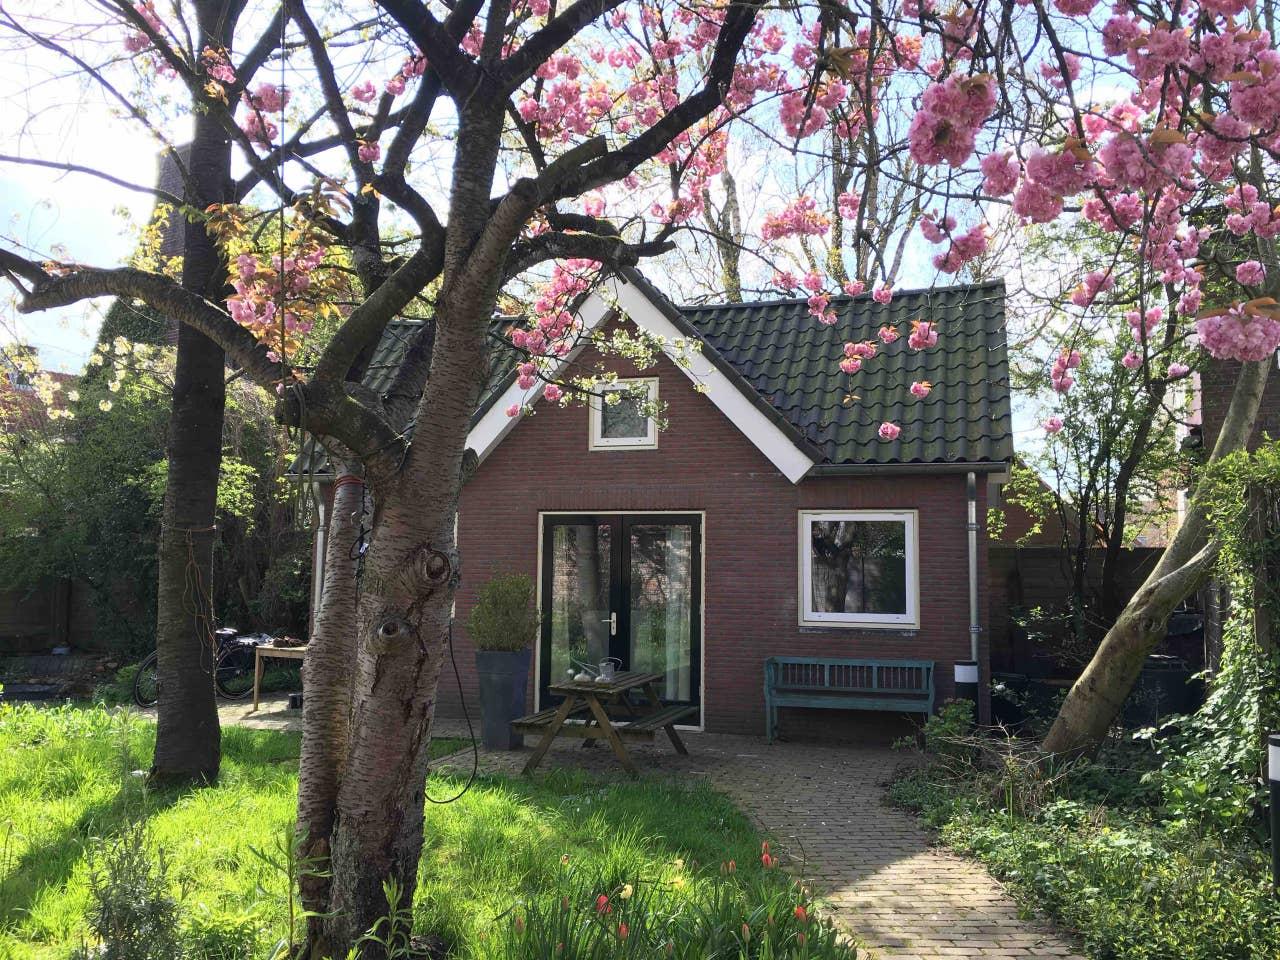 Airbnb's Amersfoort